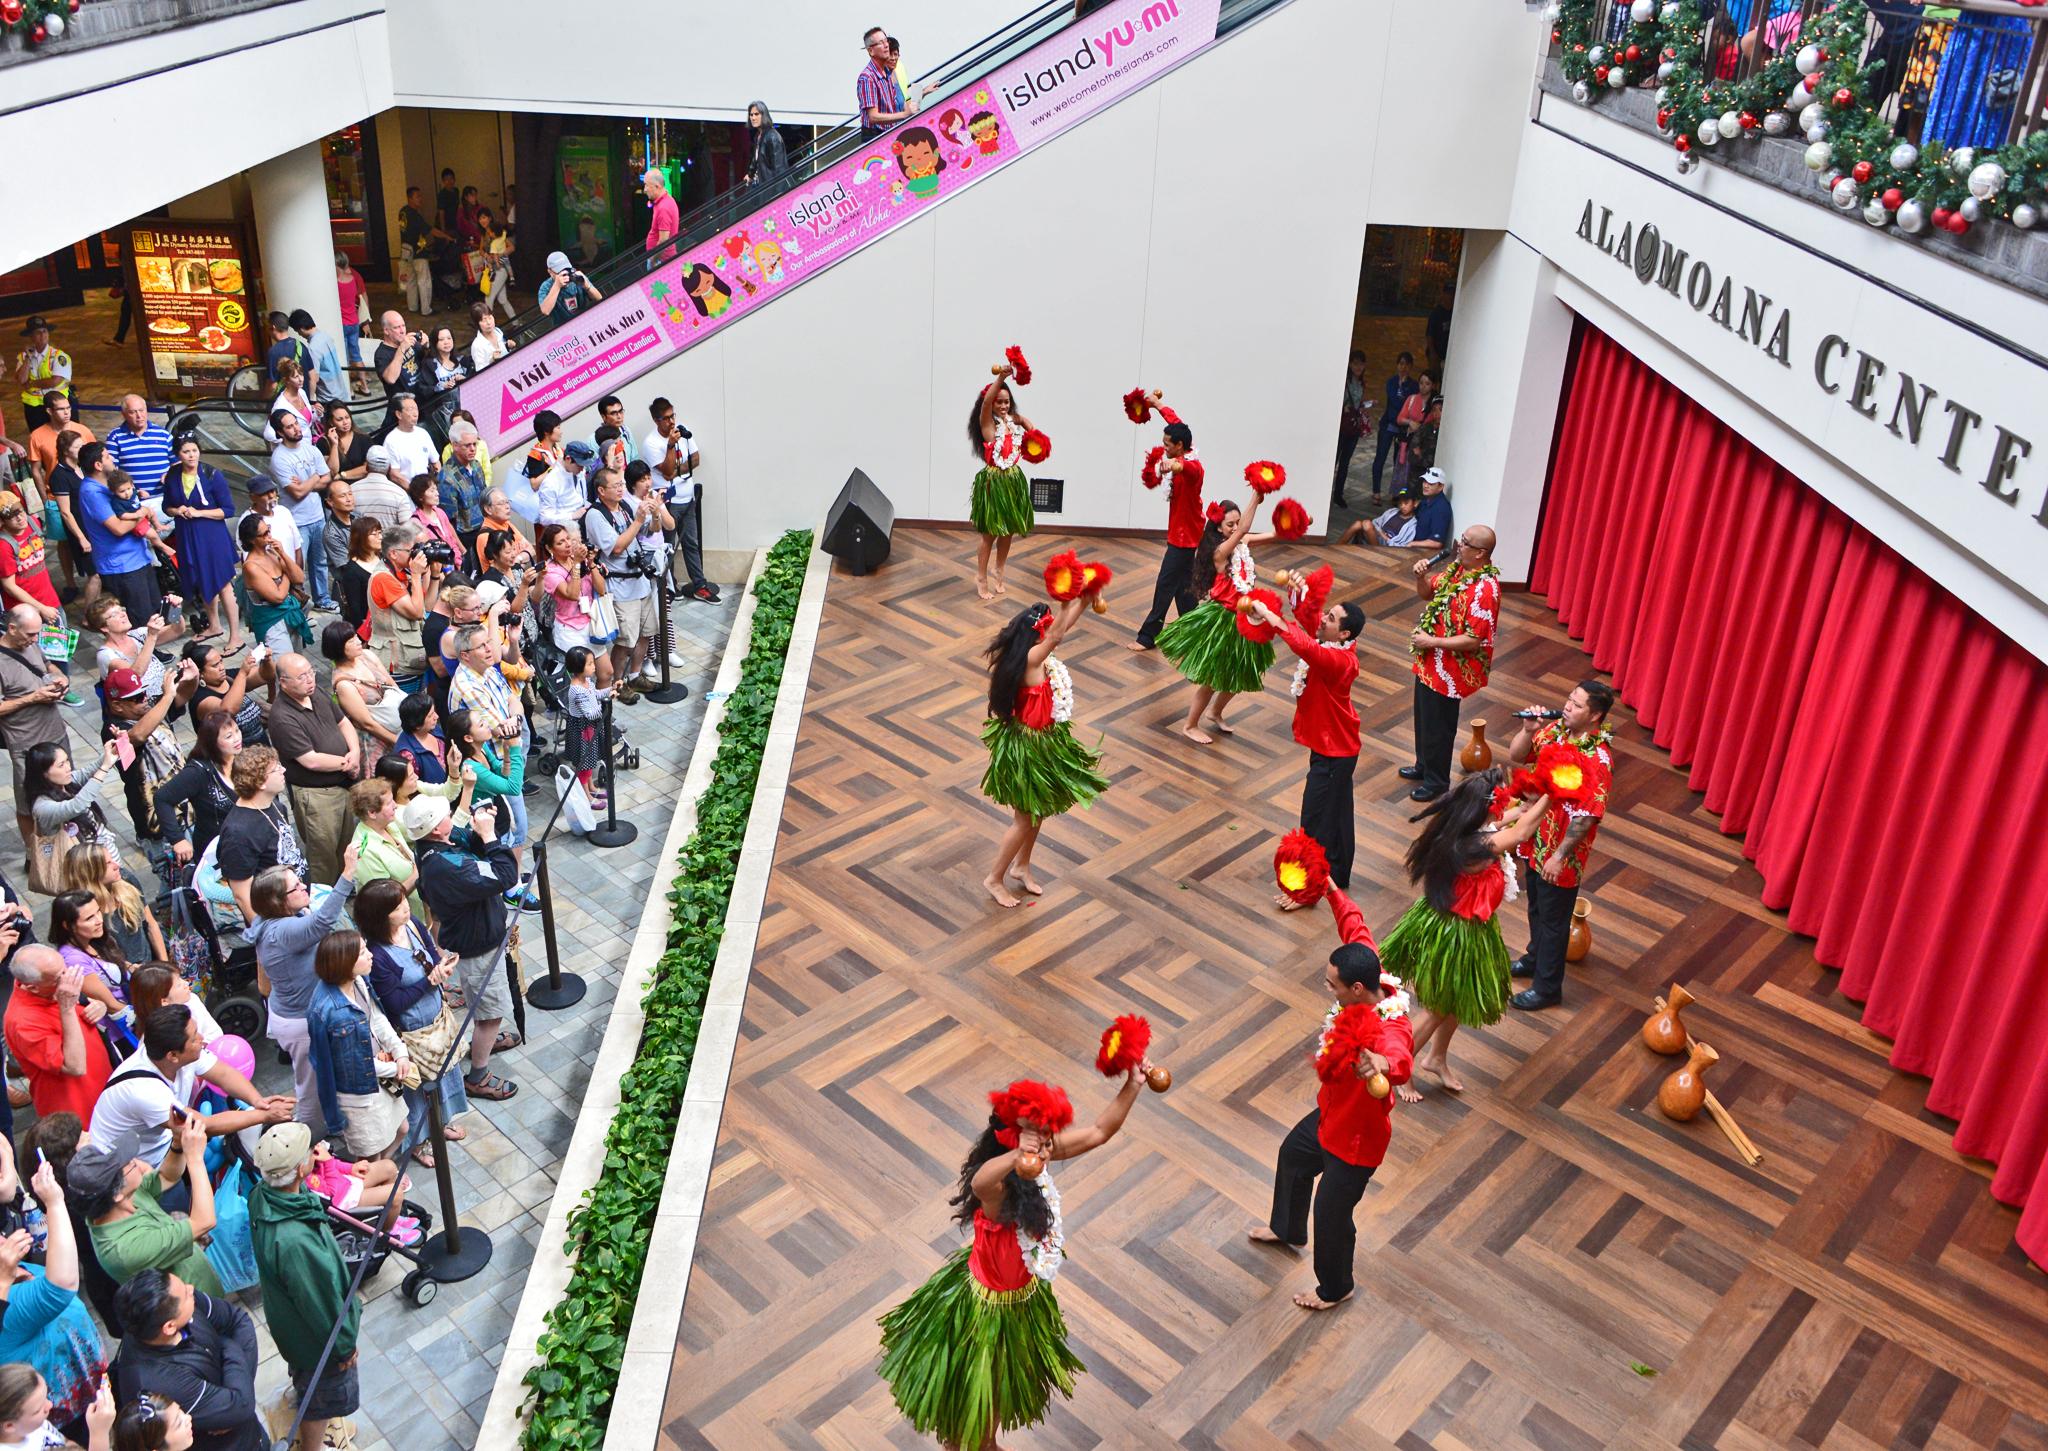 ⇑ そう言えばフラダンス見てないな~と思ったらハワイ最大のアラモアナショッピングセンターでやっていた